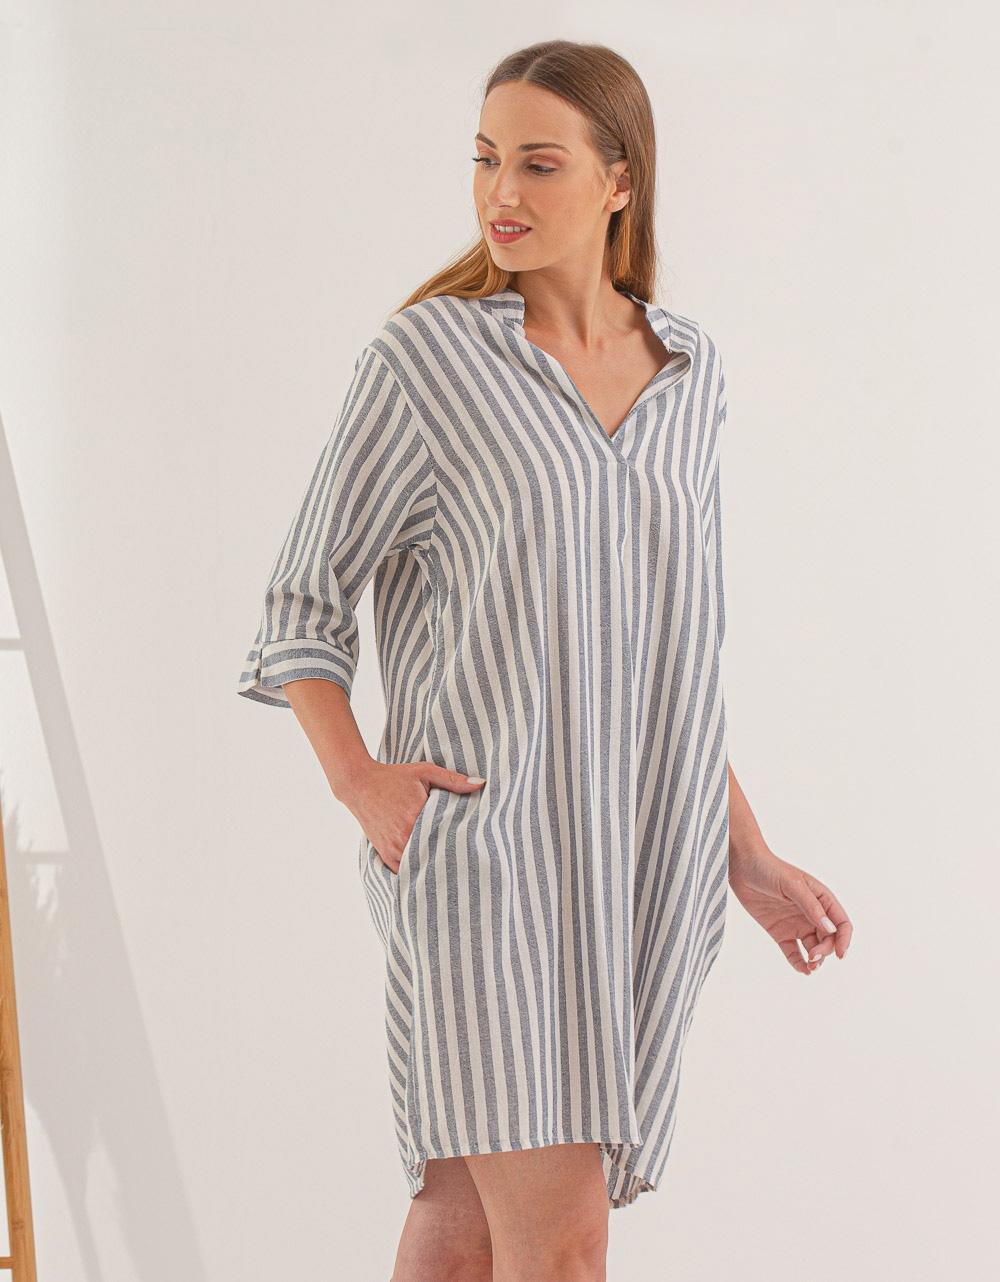 Εικόνα από Γυναικείο φόρεμα με ρίγες Γκρι